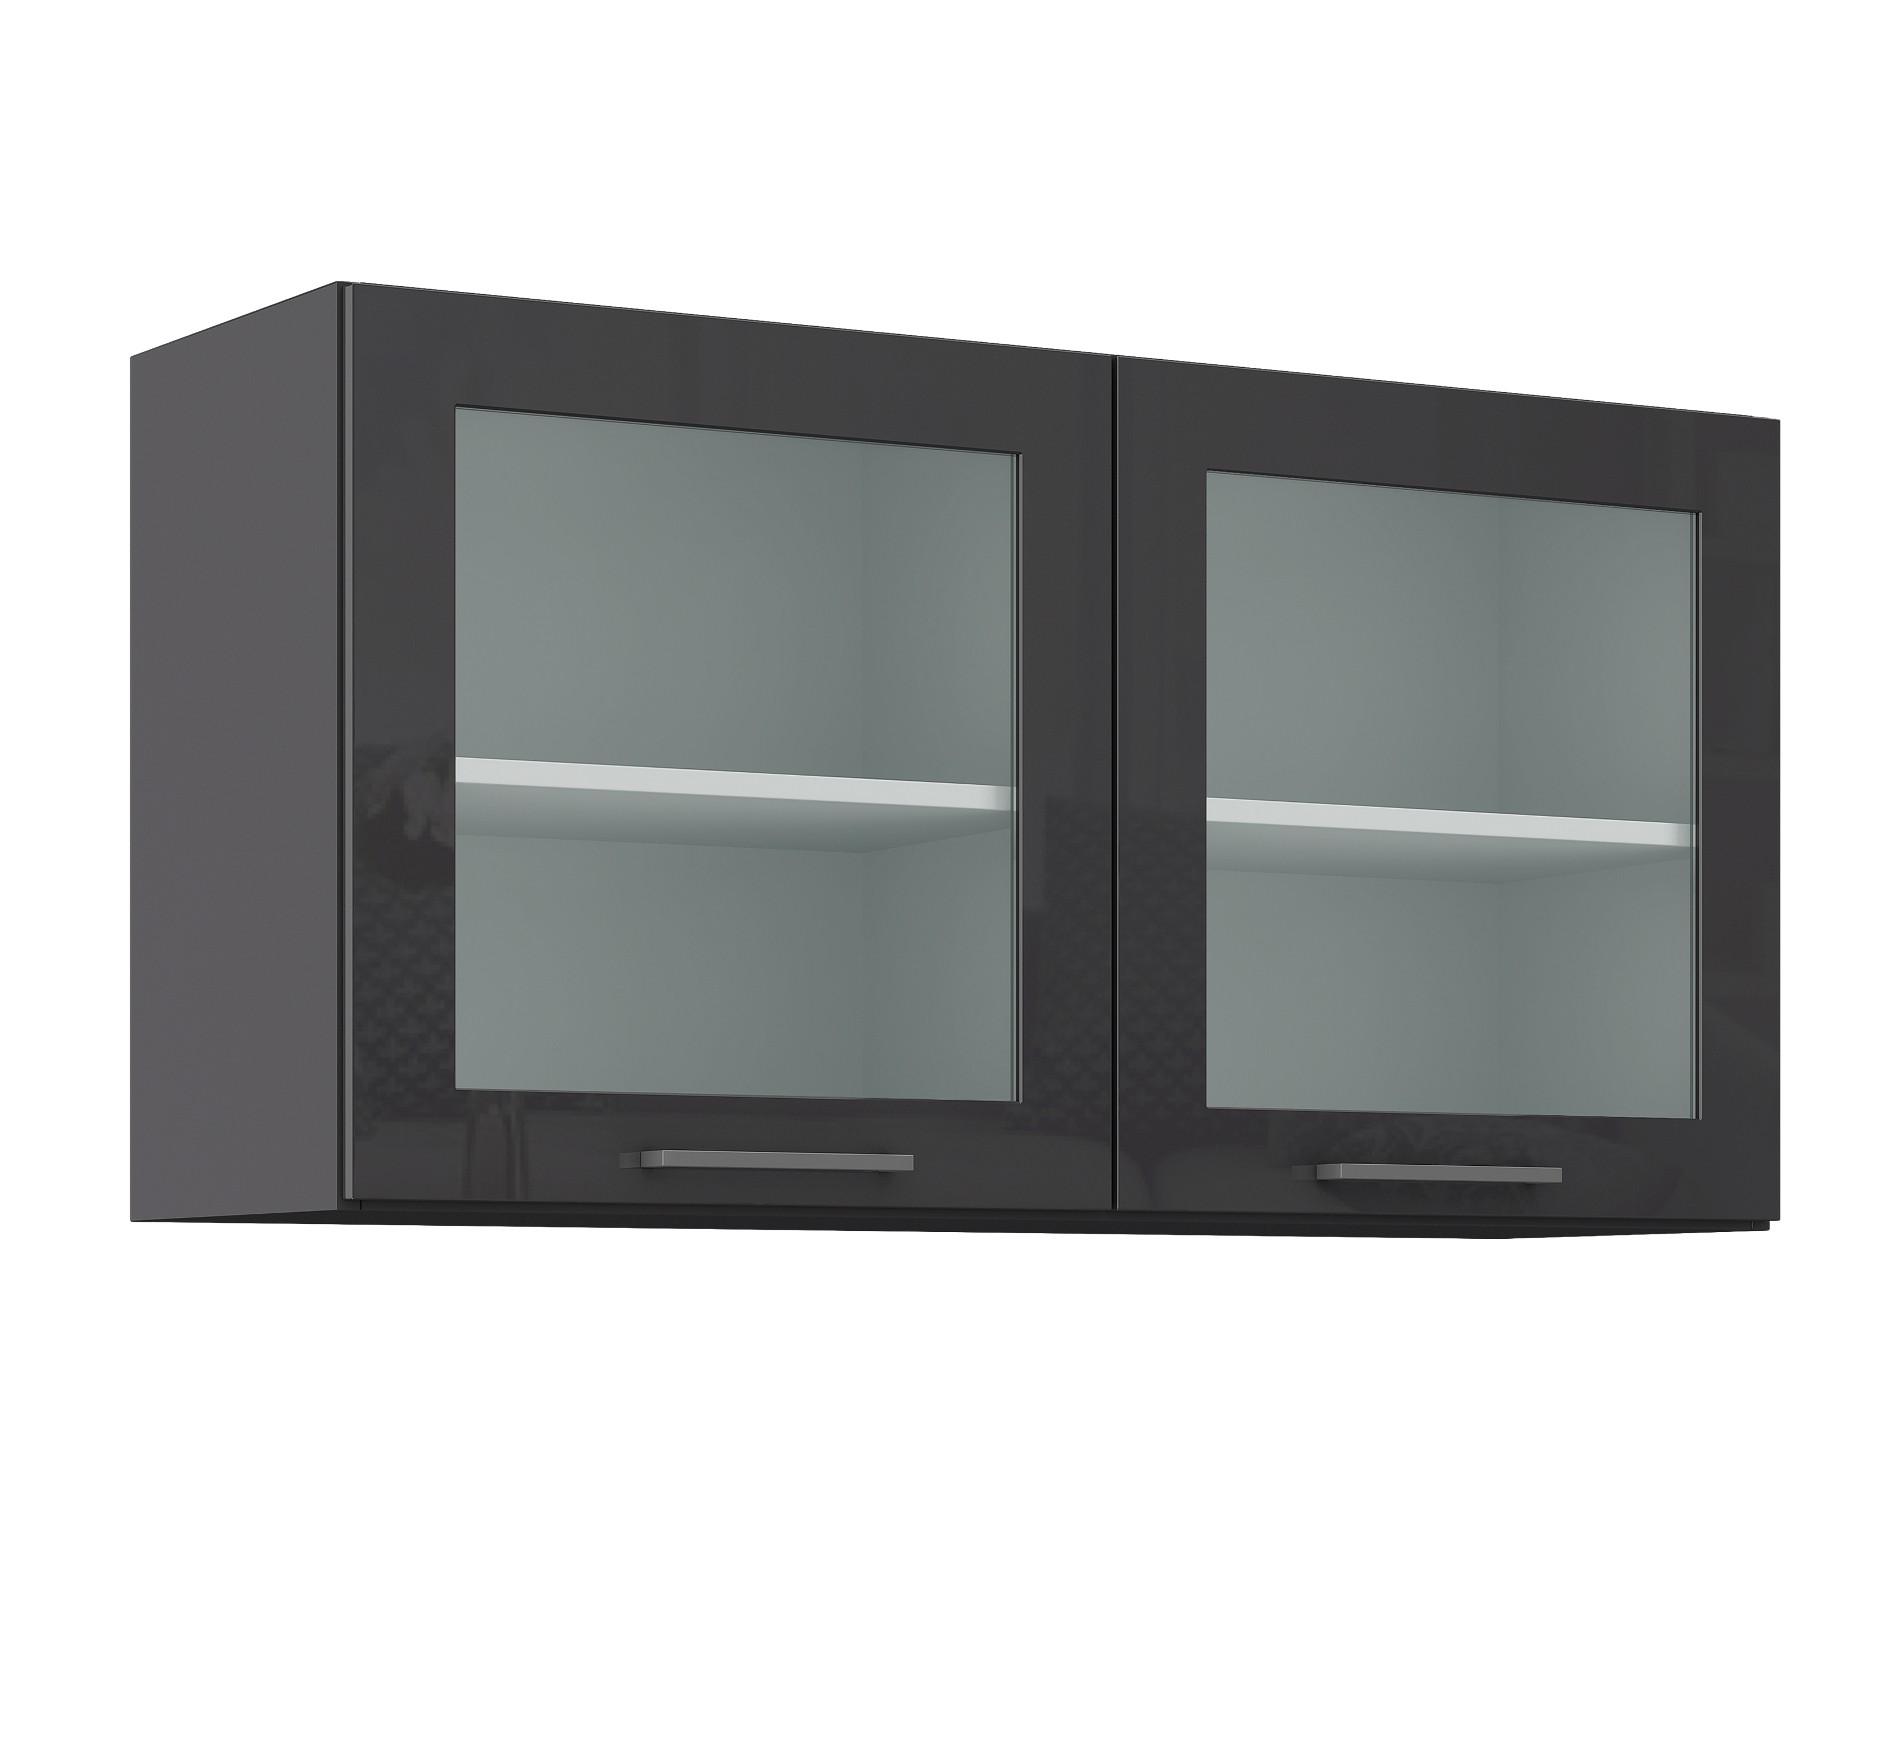 glash ngeschrank m nchen k chenschrank oberschrank glasschrank 100 cm grau ebay. Black Bedroom Furniture Sets. Home Design Ideas